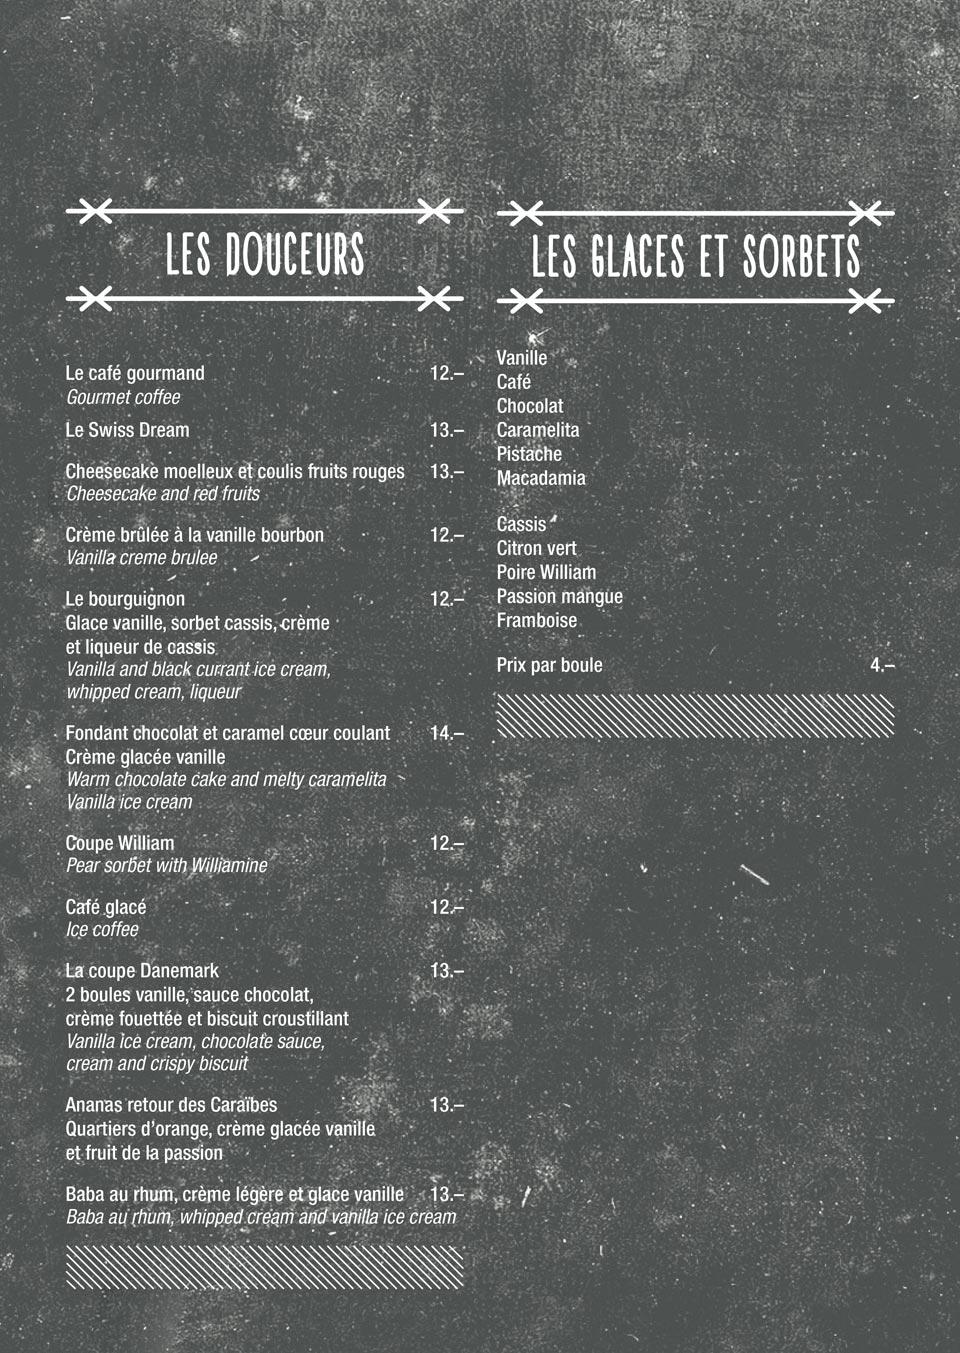 Brasserie du Rive Nyon - Carte des desserts